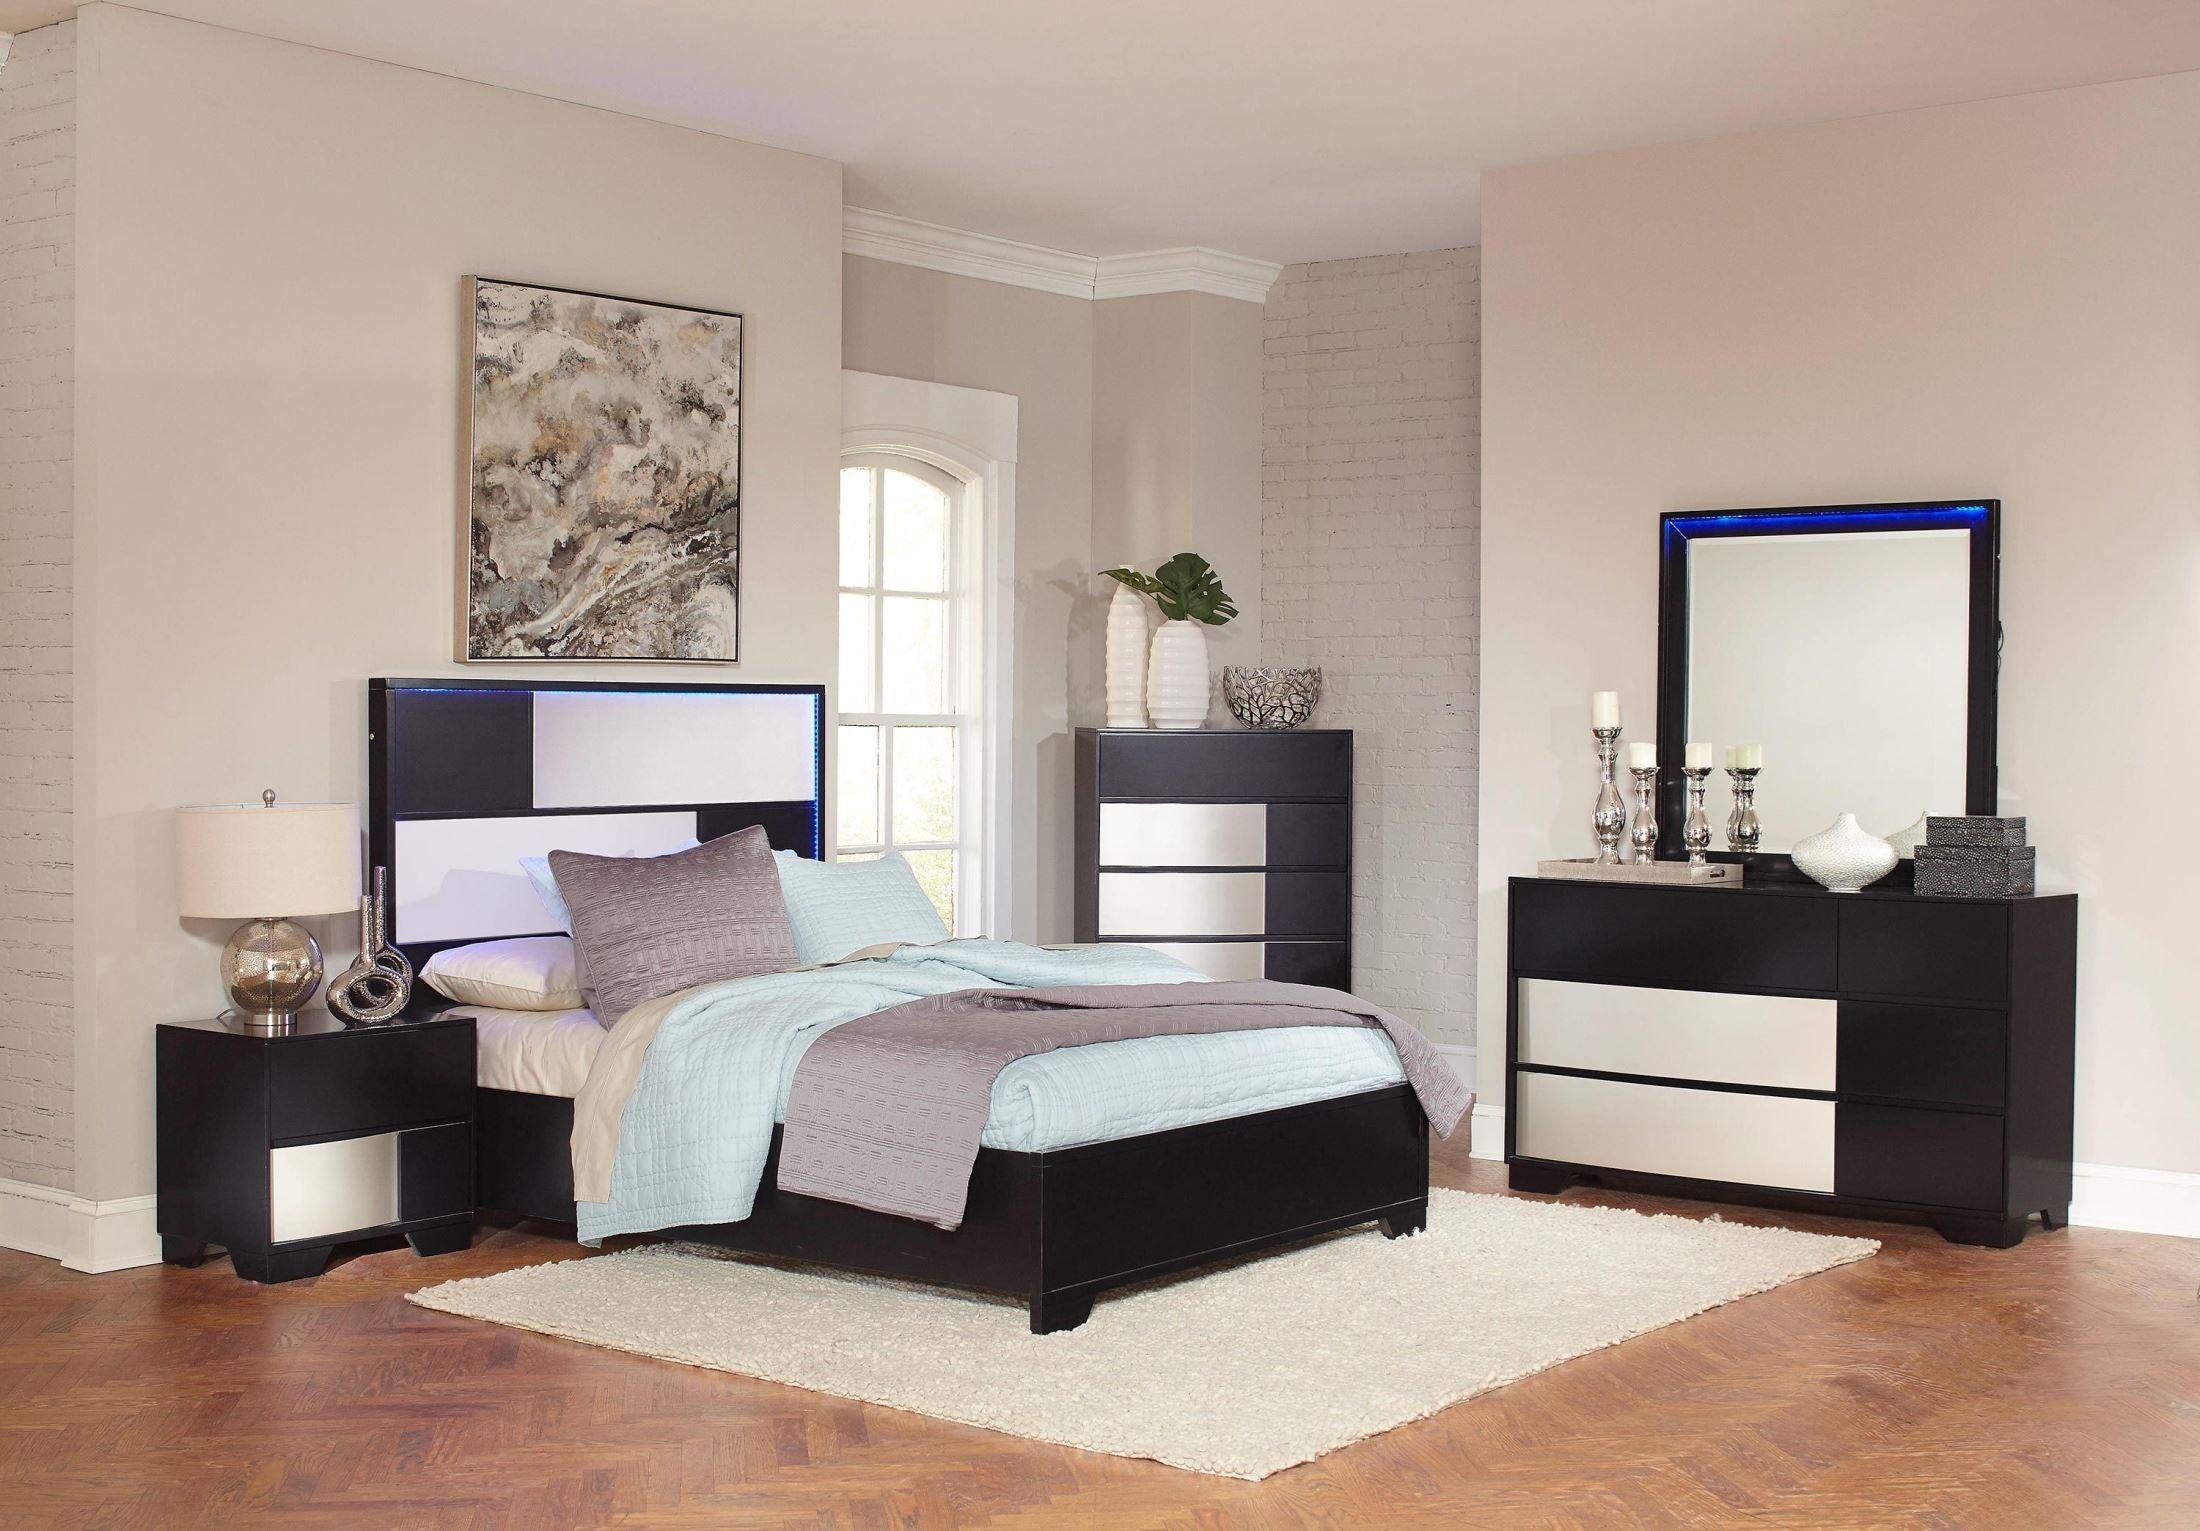 havering black and sterling platform bedroom set 204781q coaster furniture. Black Bedroom Furniture Sets. Home Design Ideas